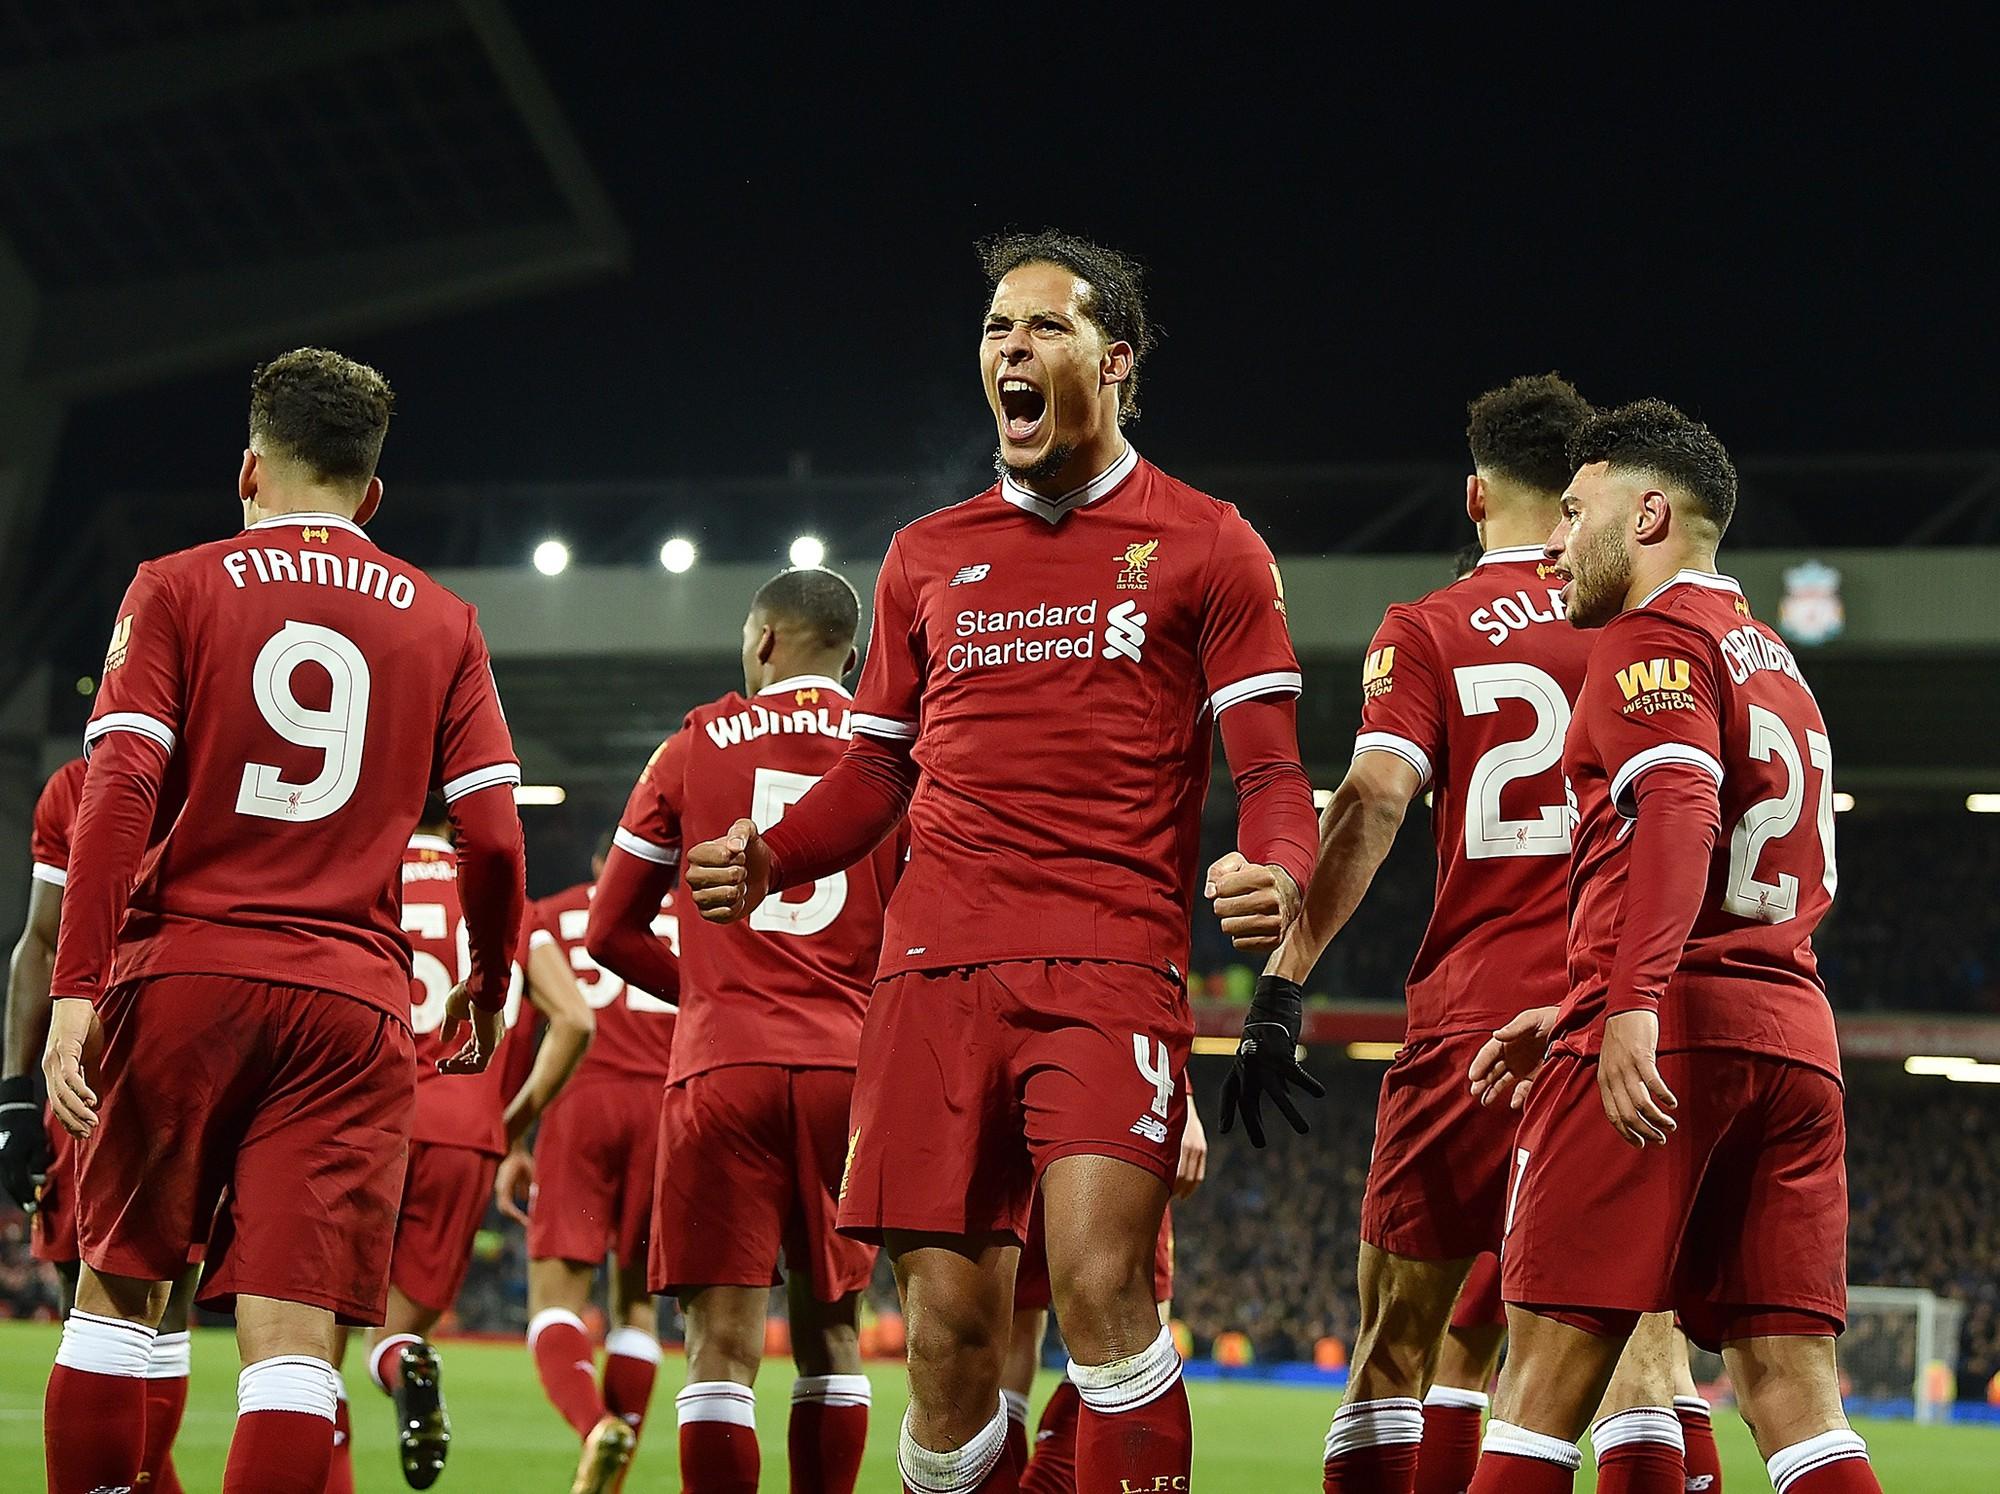 Hình ảnh: Van Dijk sẽ có trận ra mắt Liverpool ở giải NHA